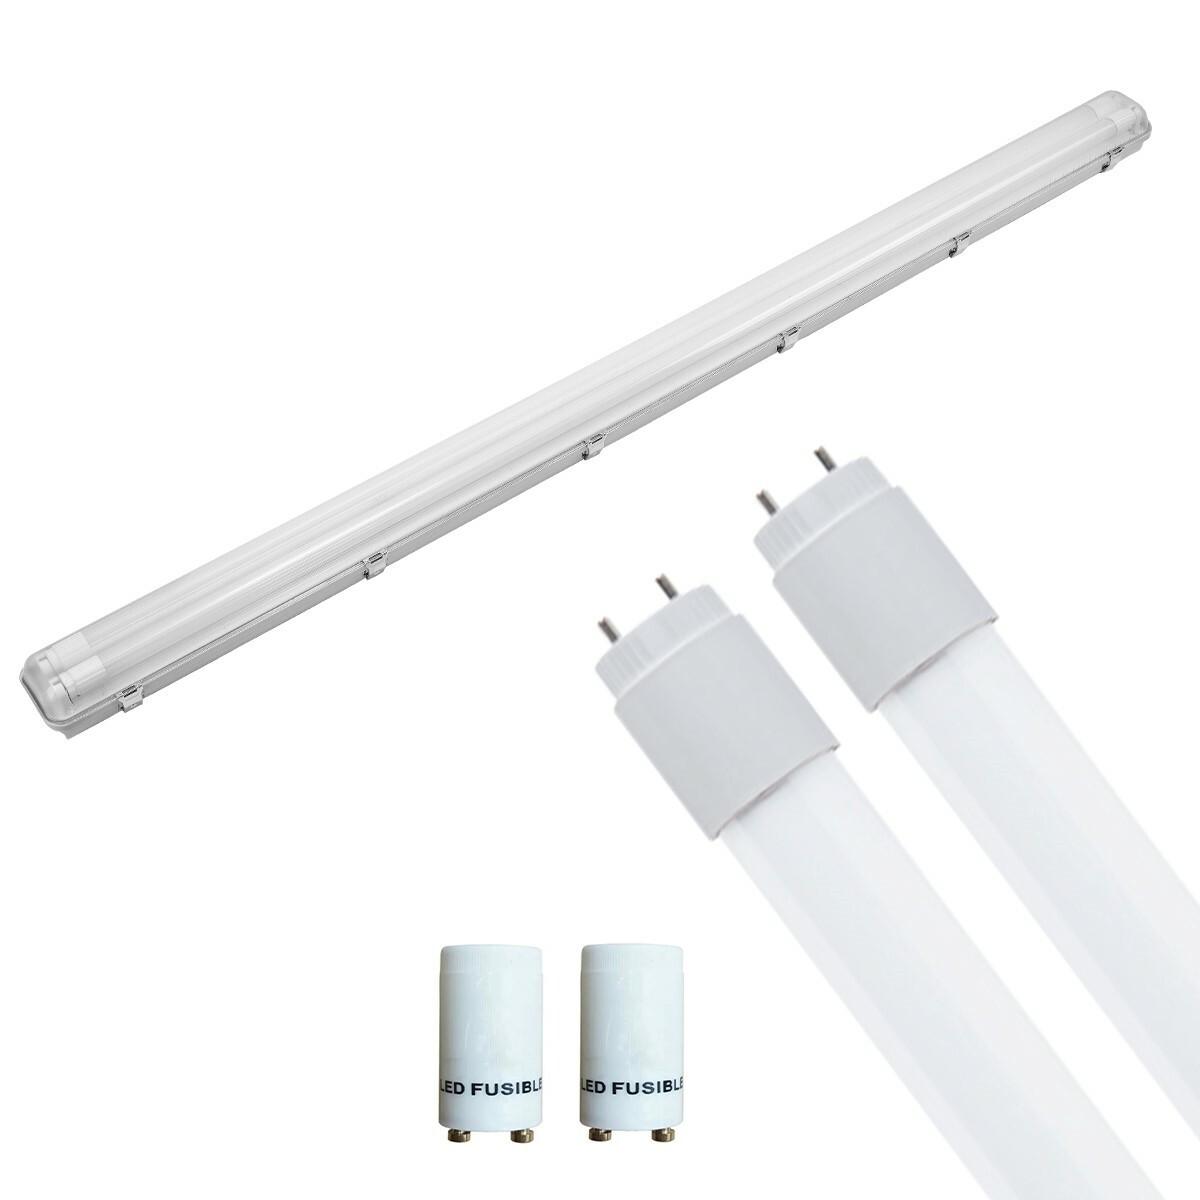 LED TL Armatuur met T8 Buis Incl. Starter - Pragmi Housing Pro - 150cm Dubbel - 44W - Natuurlijk Wit